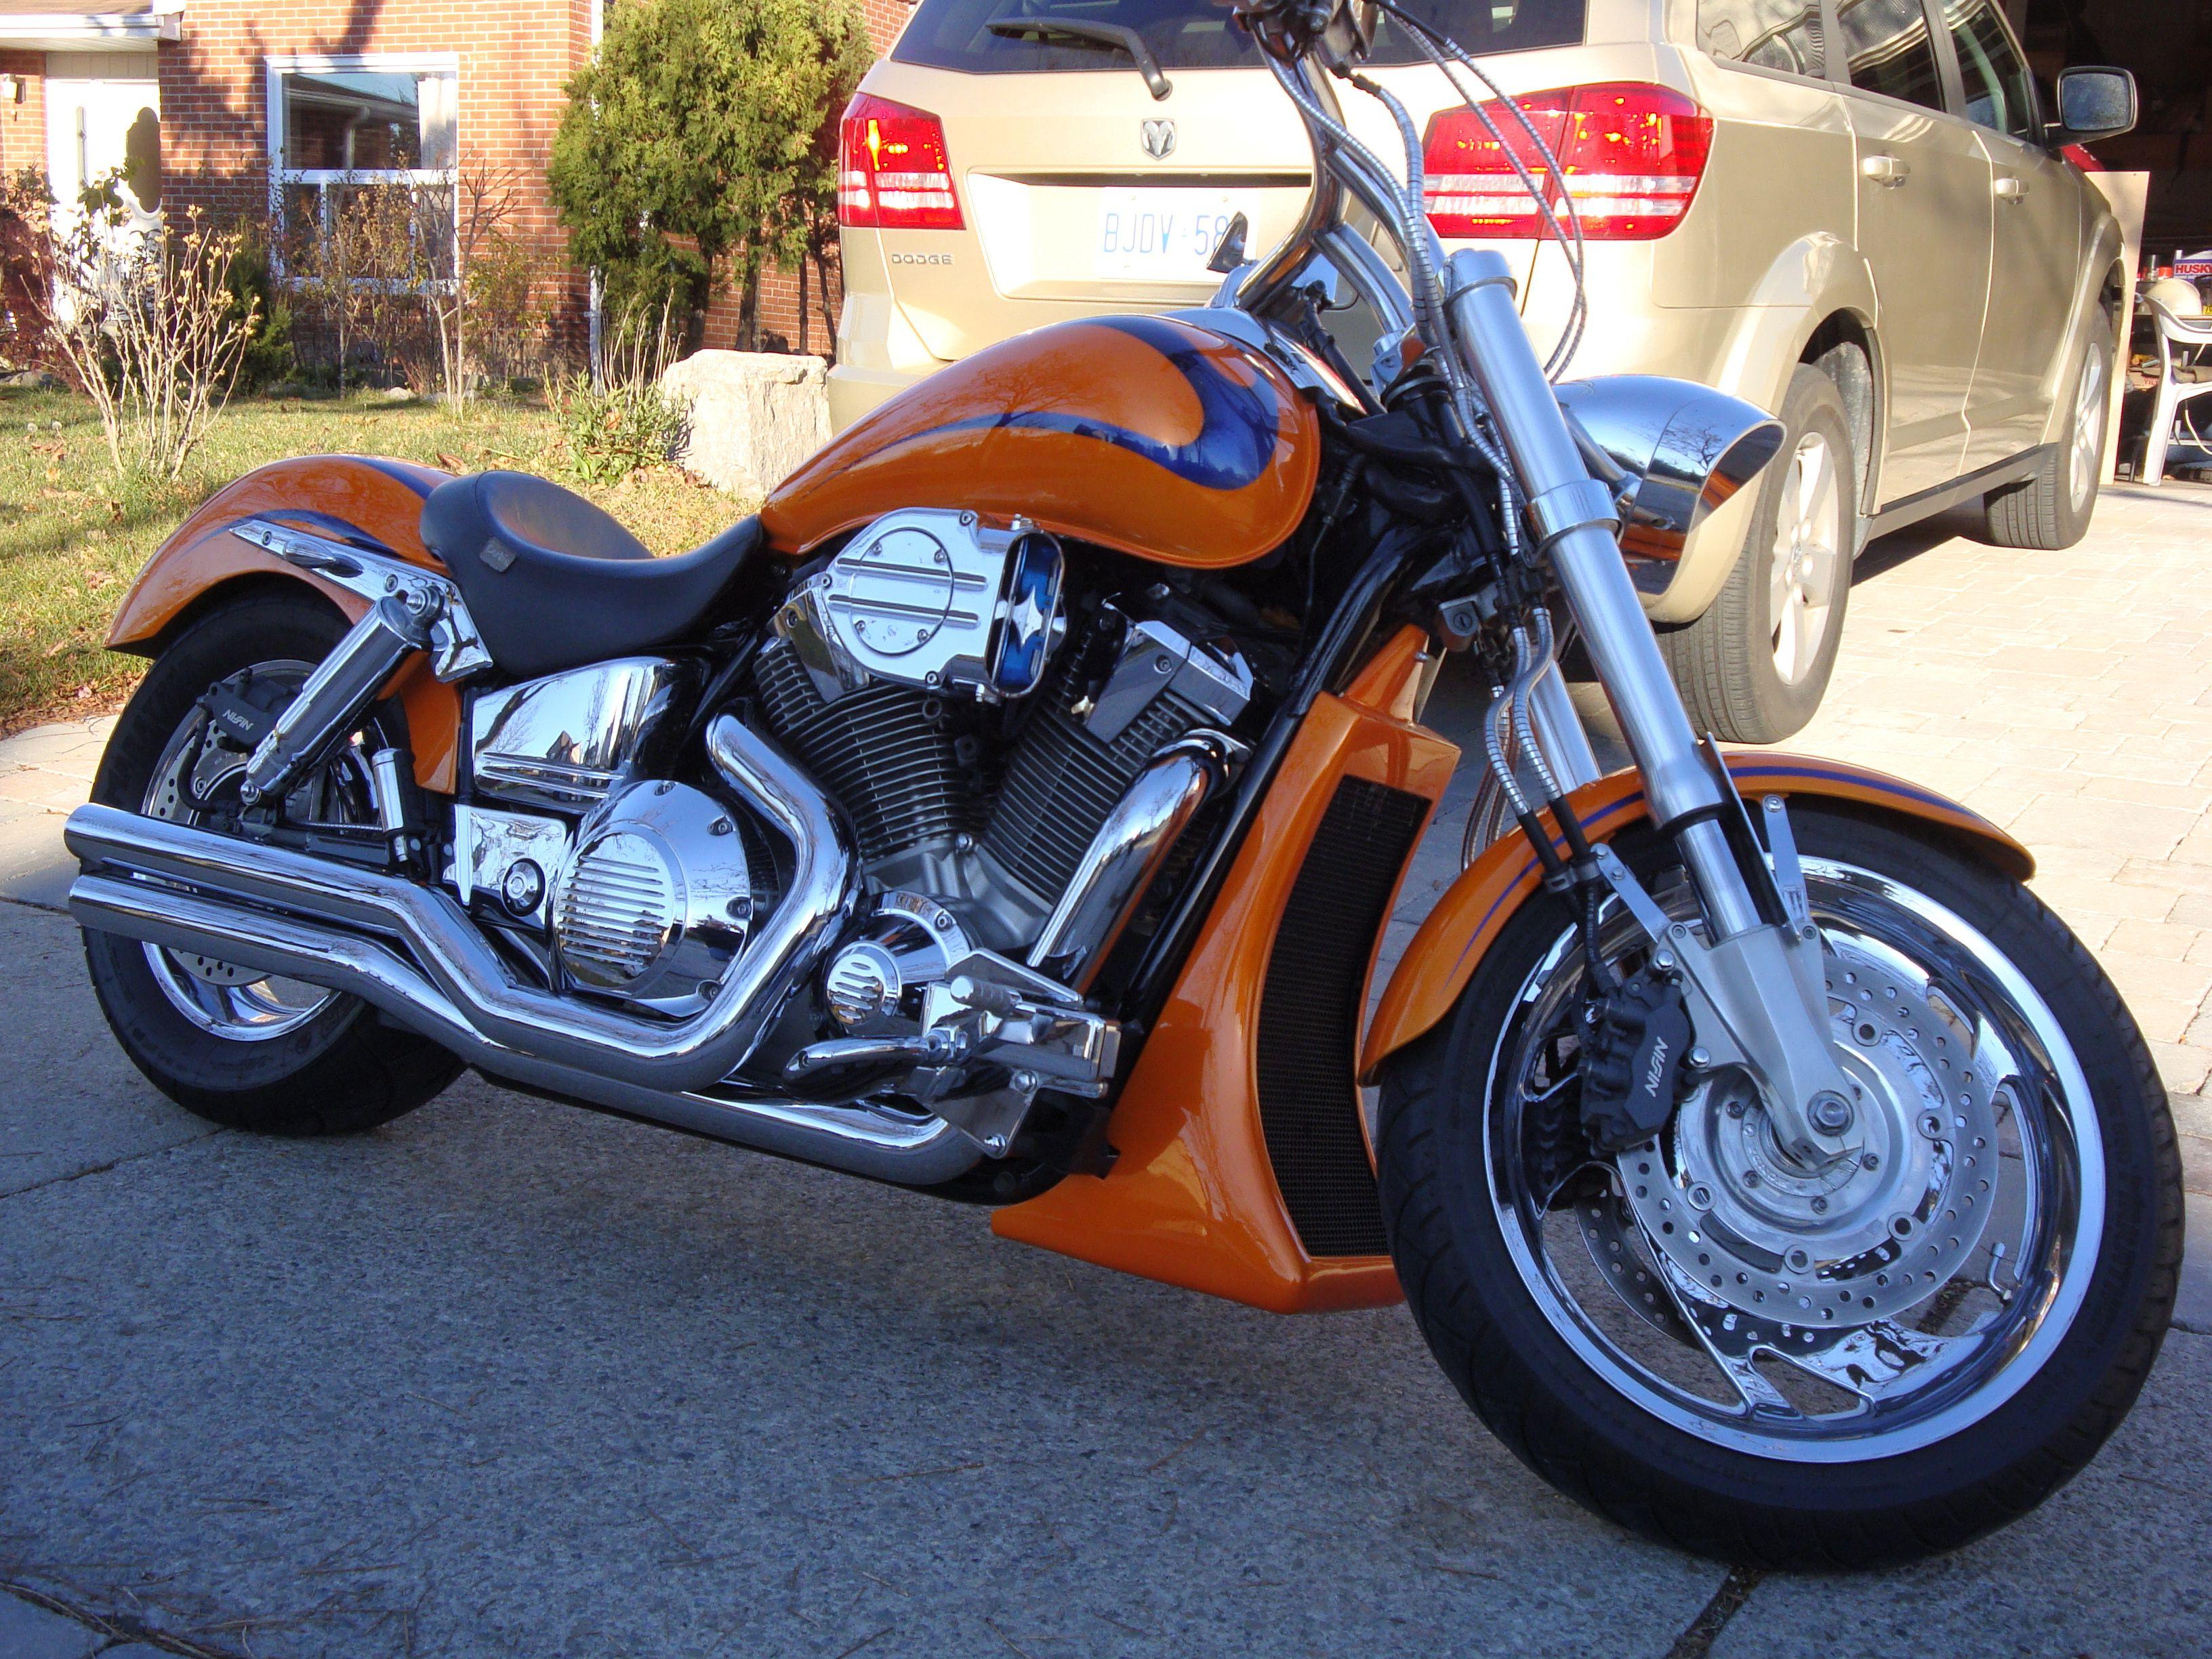 small resolution of honda vtx 1800 honda motorcycles custom motorcycles custom bikes cars and motorcycles